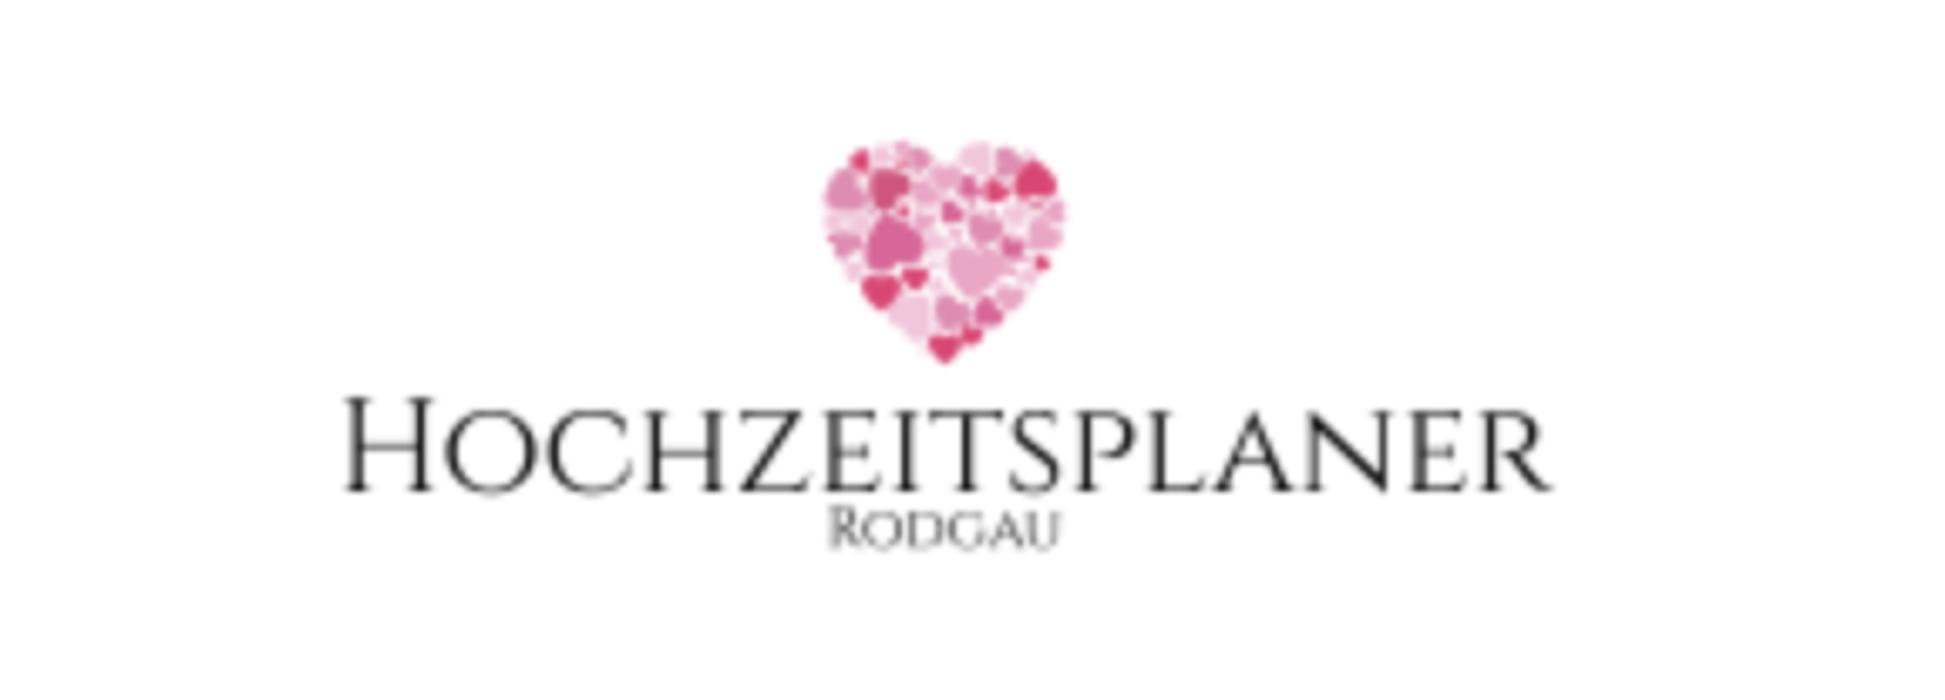 Bild zu Hochzeitsplaner Rodgau in Rodgau